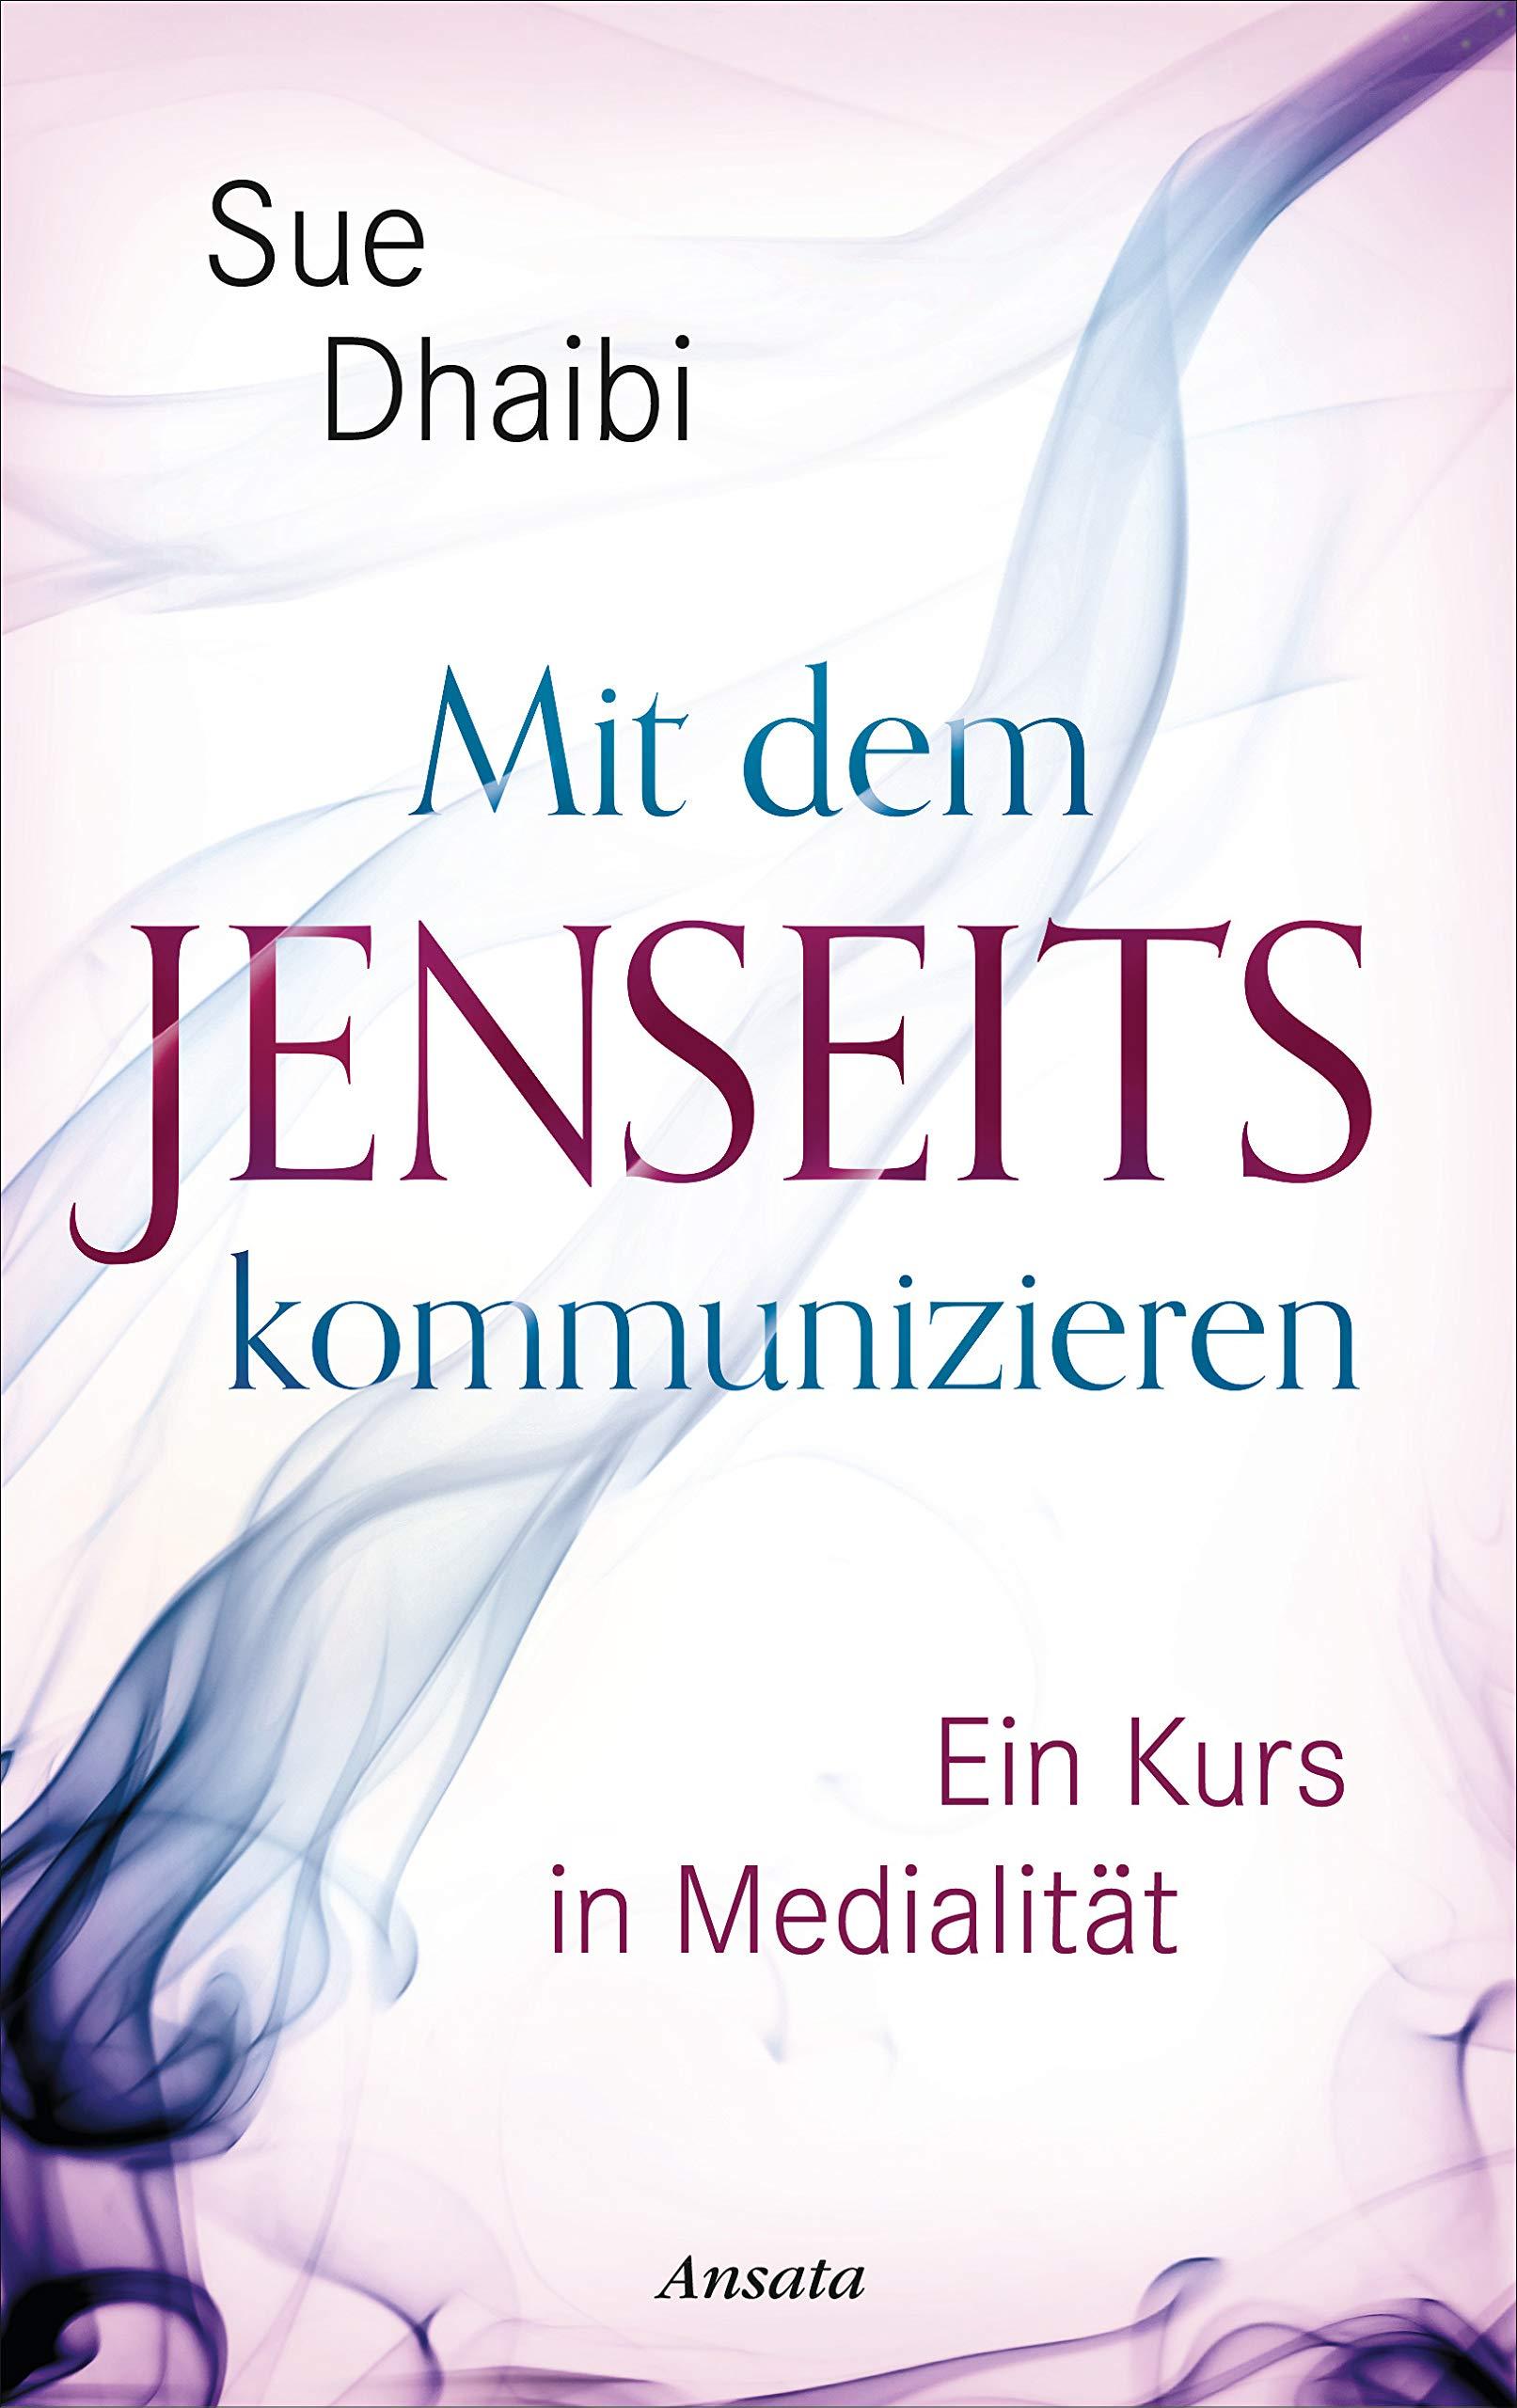 Mit dem Jenseits kommunizieren: Ein Kurs in Medialität Gebundenes Buch – 18. Februar 2019 Sue Dhaibi Ansata 3778775405 Esoterik